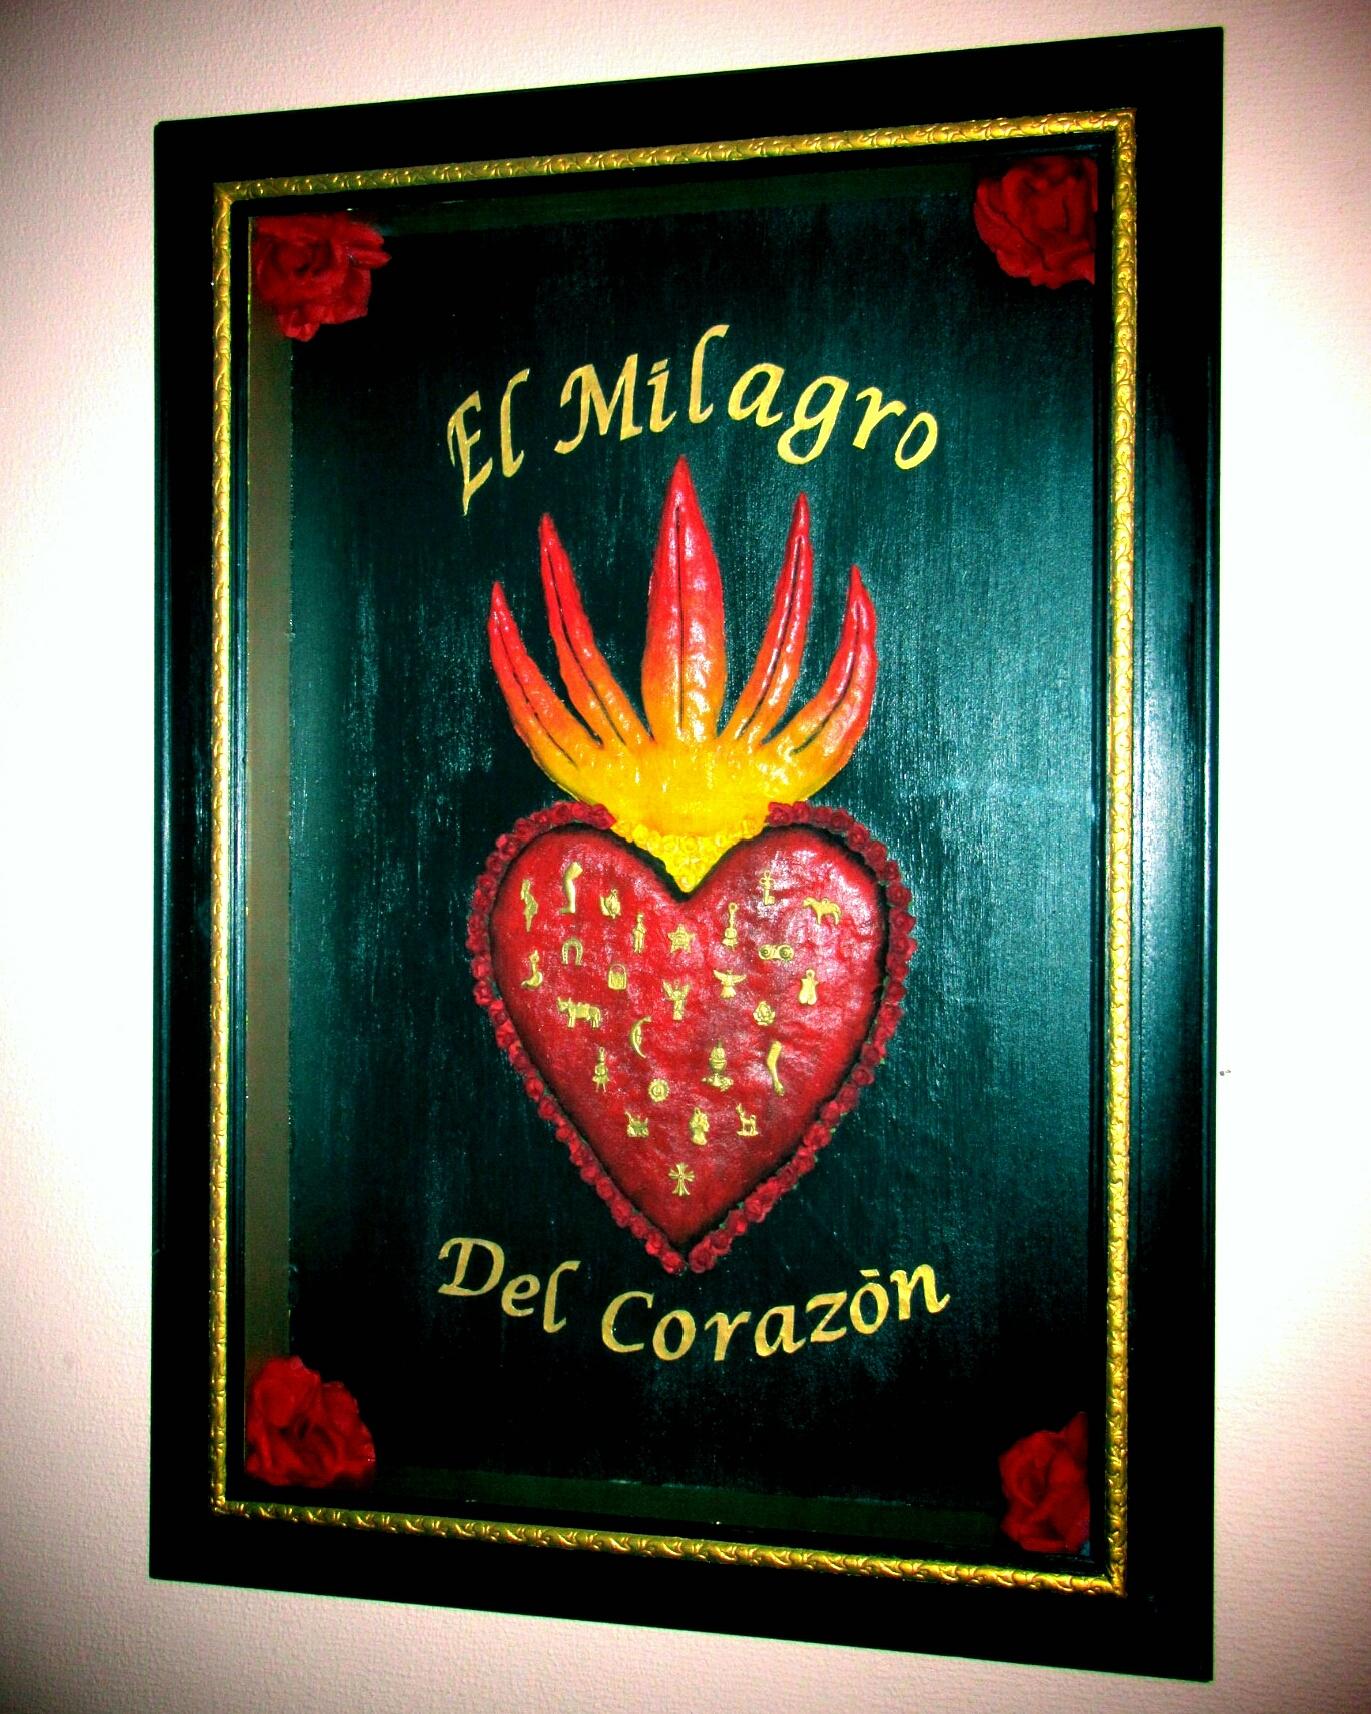 El Milagro del Corazon box